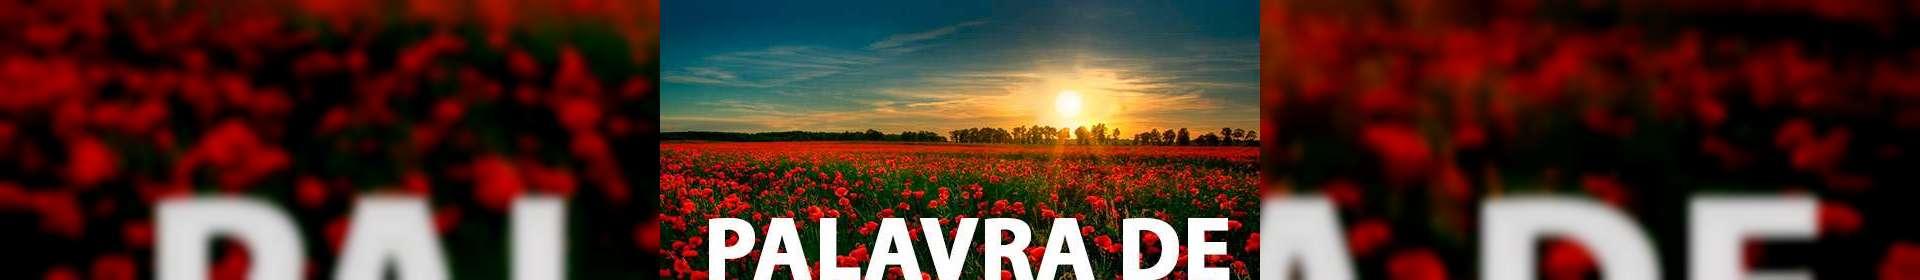 Salmos 80:8-9 - Uma Palavra de Esperança para sua vida